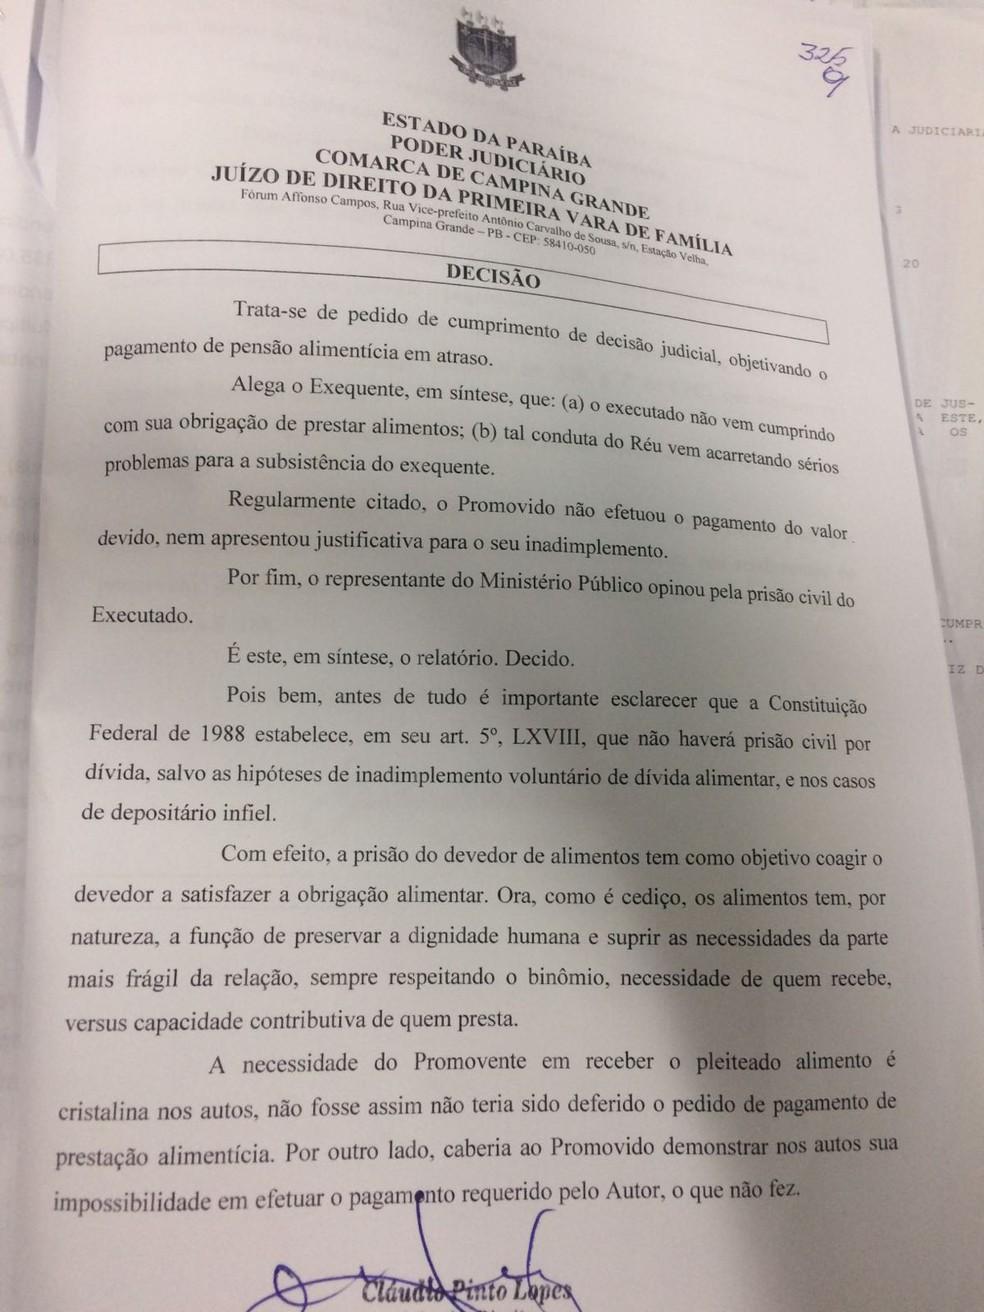 O mandado de prisão foi assinado pelo juiz Cláudio Pinto Lopes, titular da Vara da Família de Campina Grande (Foto: Reprodução)